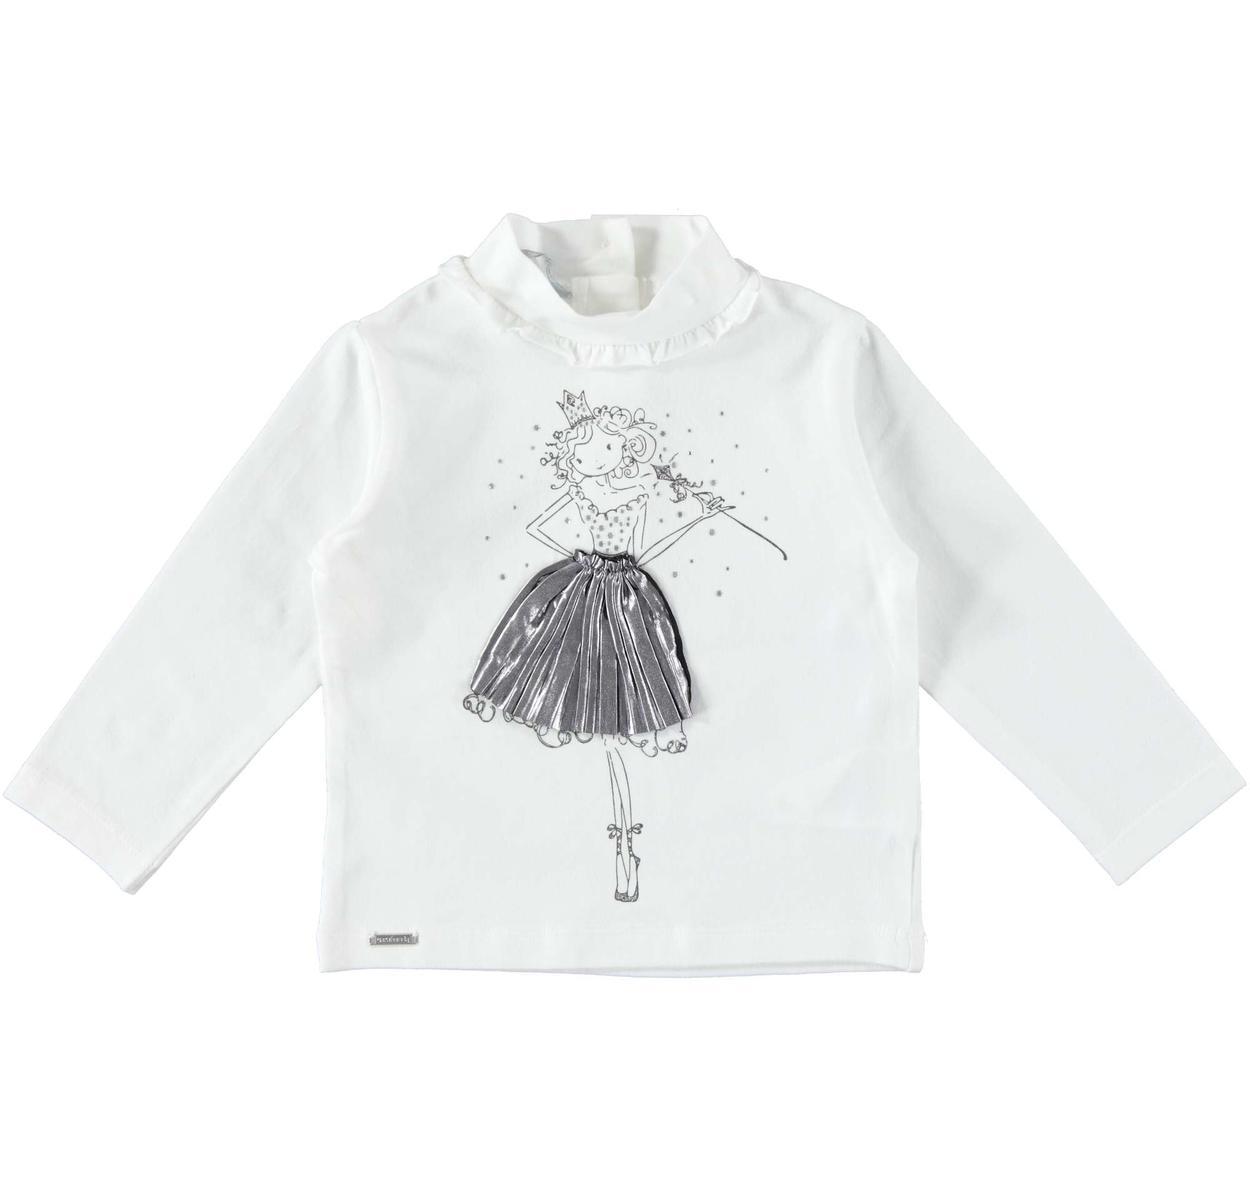 a6b1c639c8 Elegante lupetto con rouches, strass e glitter per bambina da 6 mesi a 7  anni Sarabanda